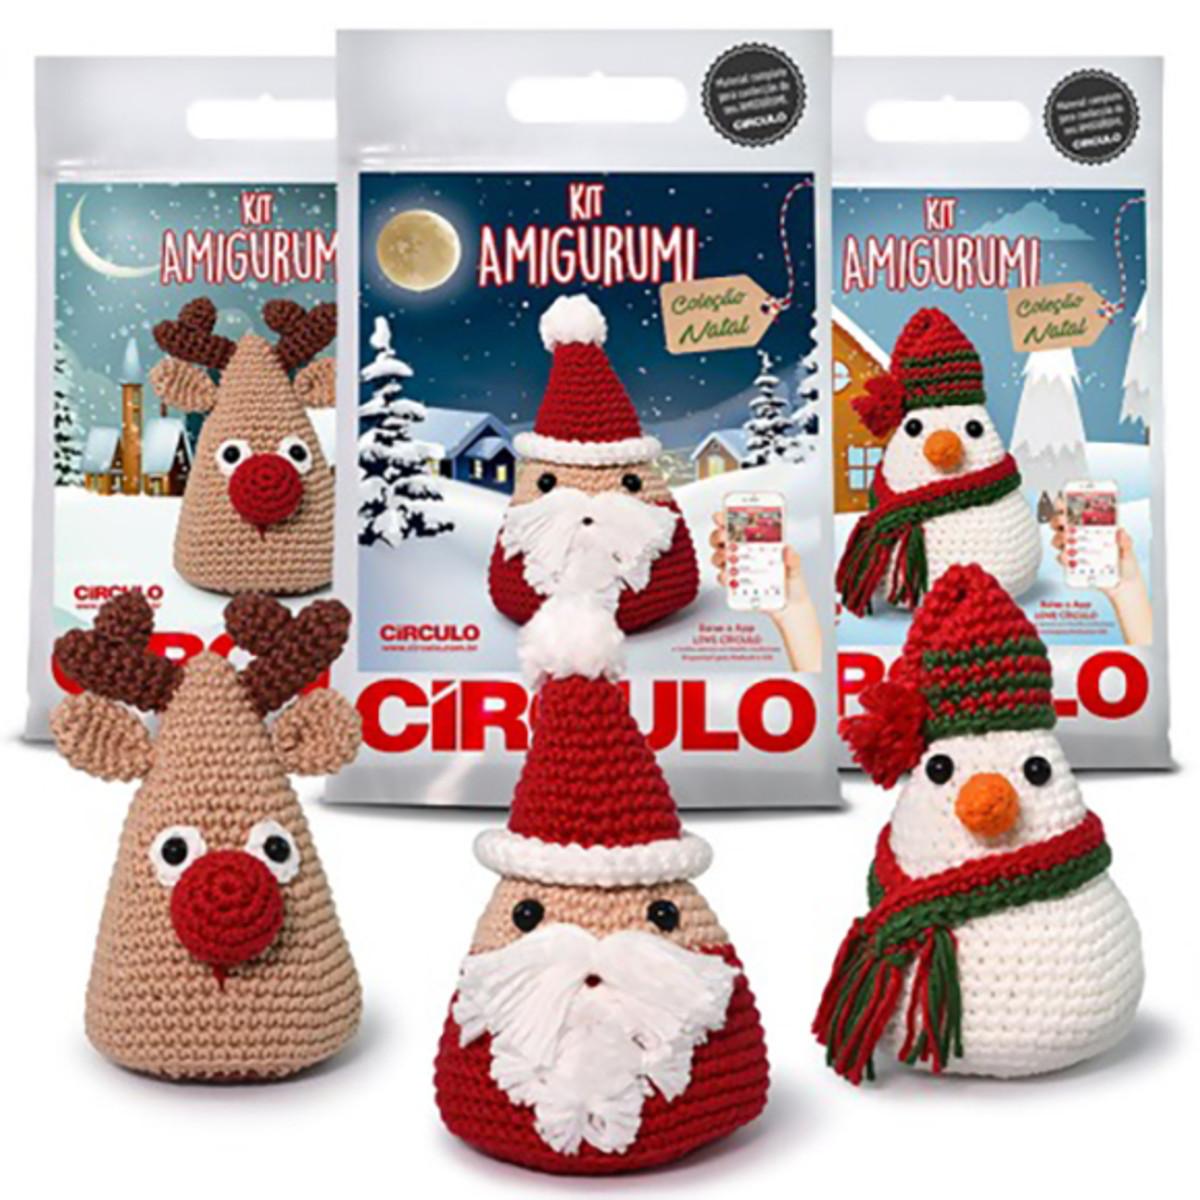 Apostila gratis bichinhos de croche amigurumi - Como Fazer | 1200x1200